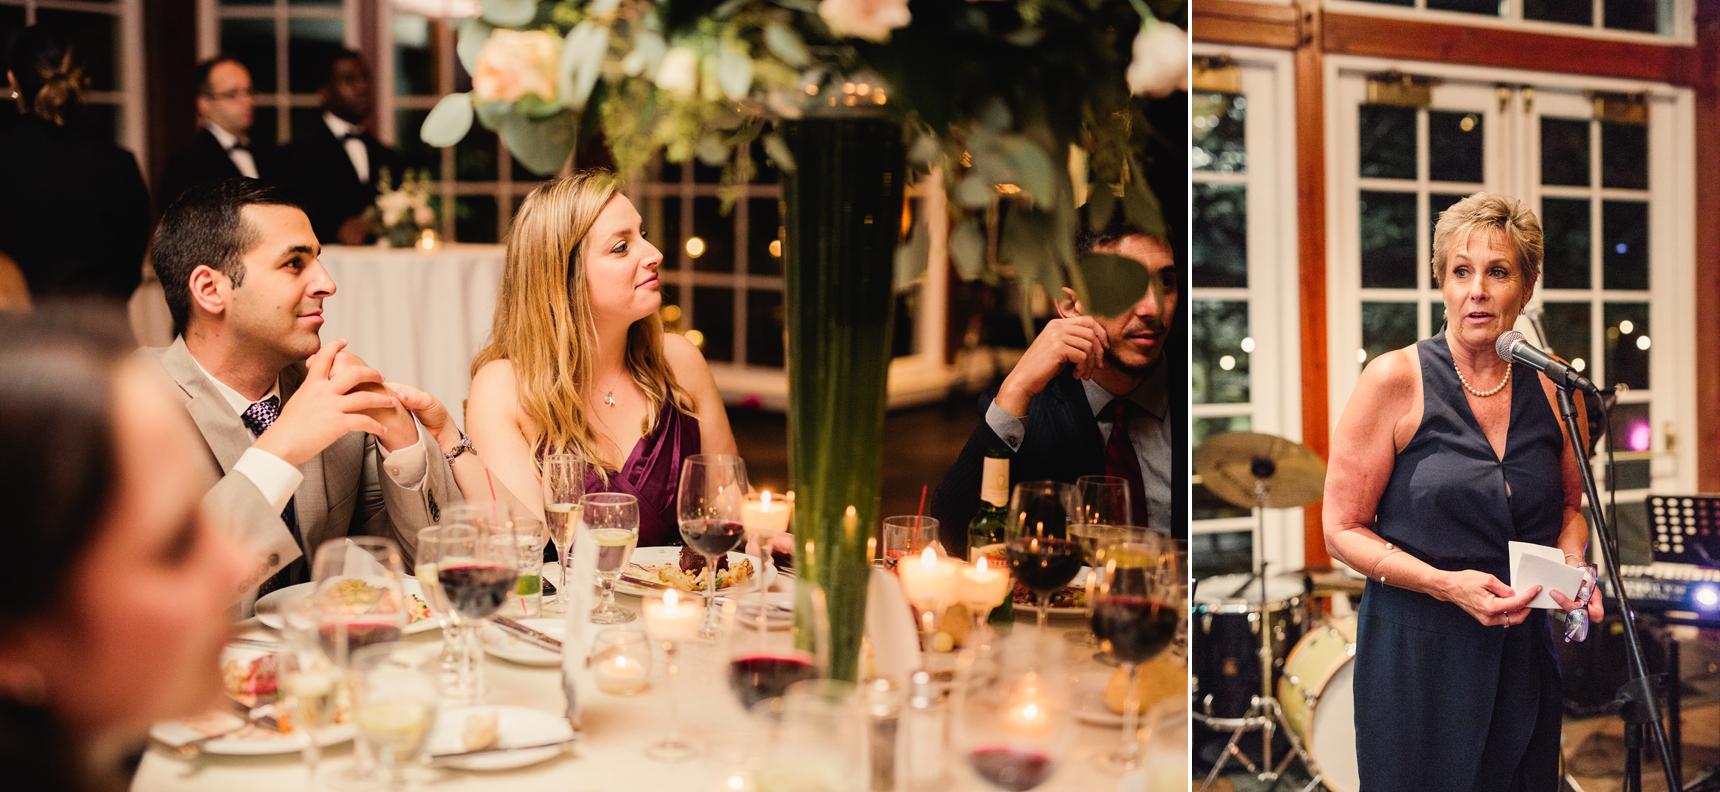 Jory_LoebBoathouse_CentralPark_NewYork_WeddingPhotographer131.jpg